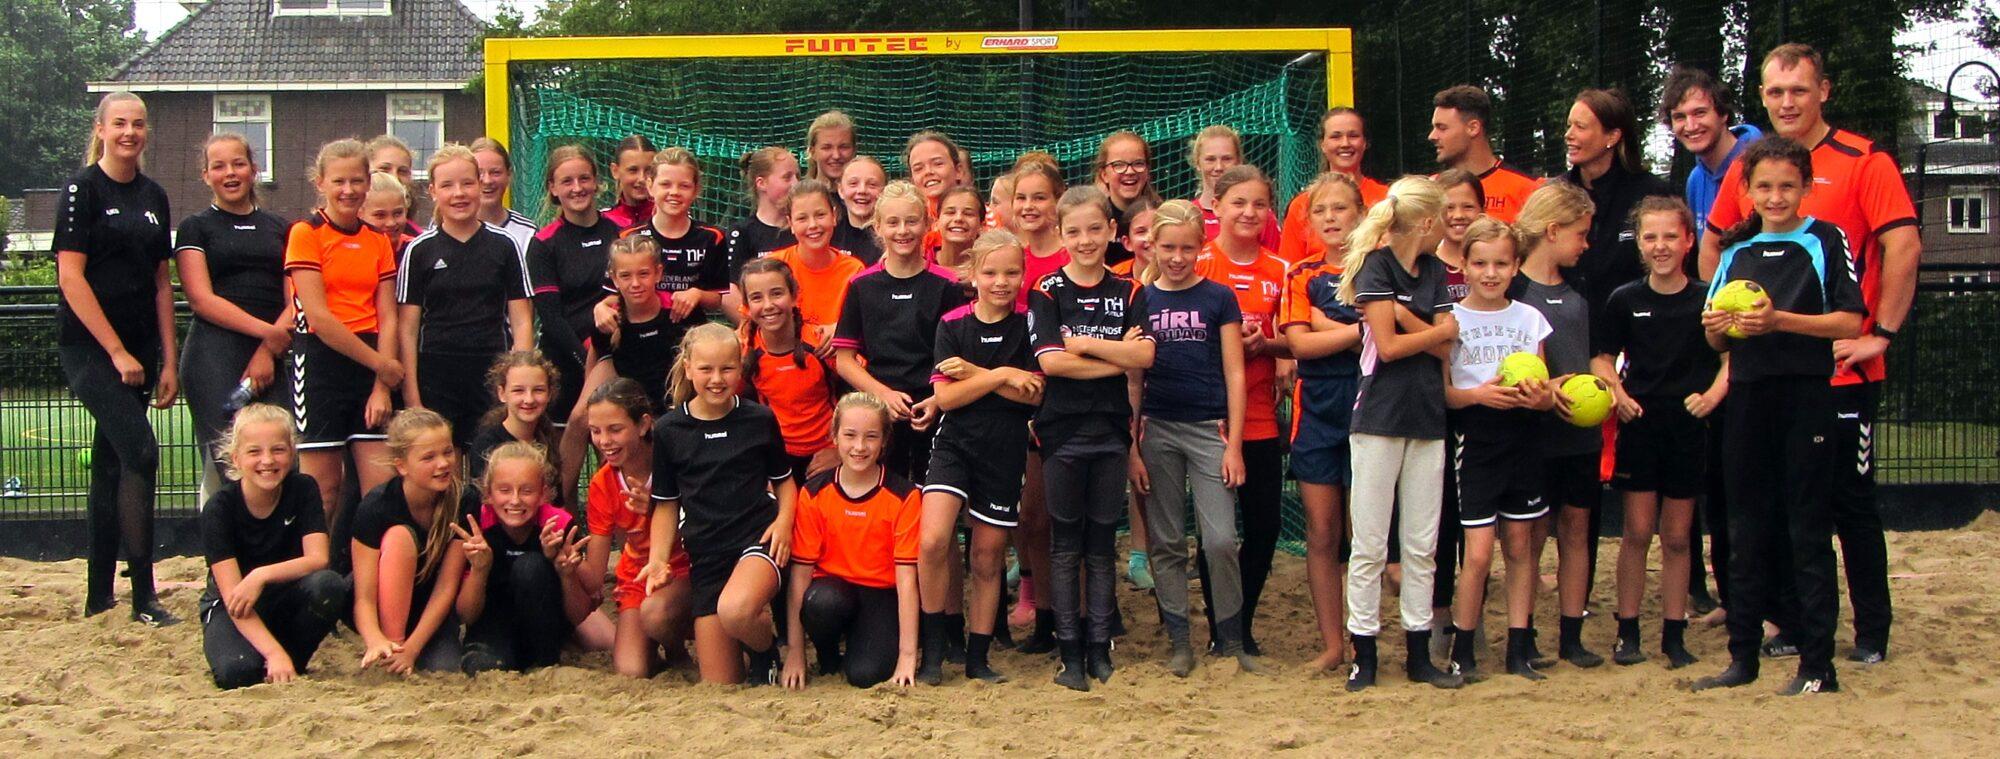 'Veilig handballen belangrijker dan spelen op hoogste niveau'